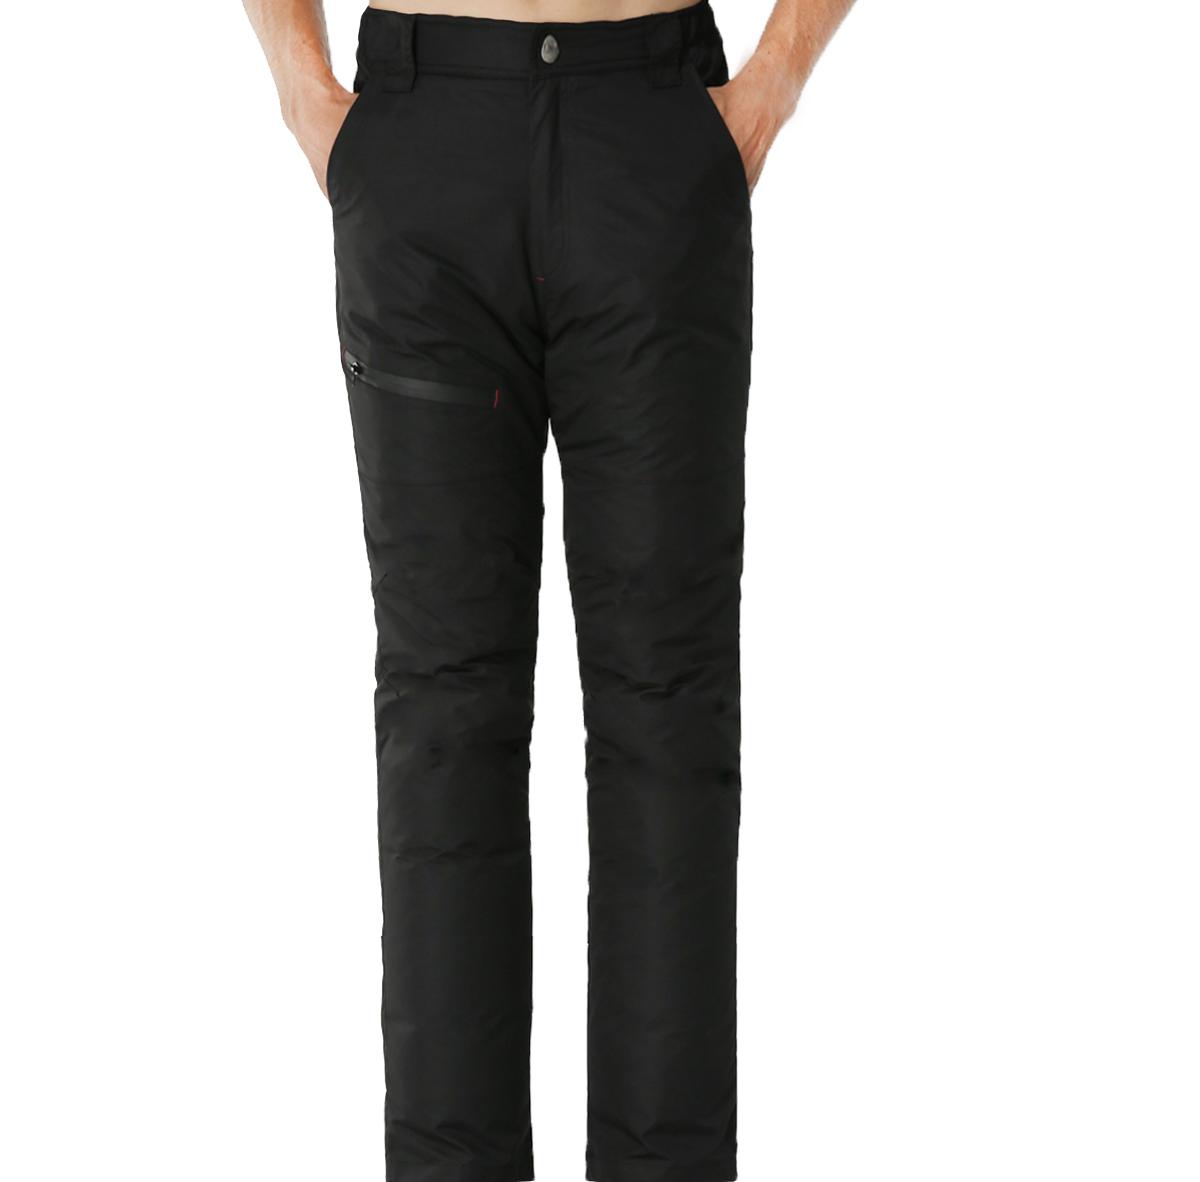 SISSPEAN/ отдел гость мужчина брюки вниз на открытом воздухе теплые хлопок брюки талия брюки вниз мужчина мужчина случайный брюки вниз